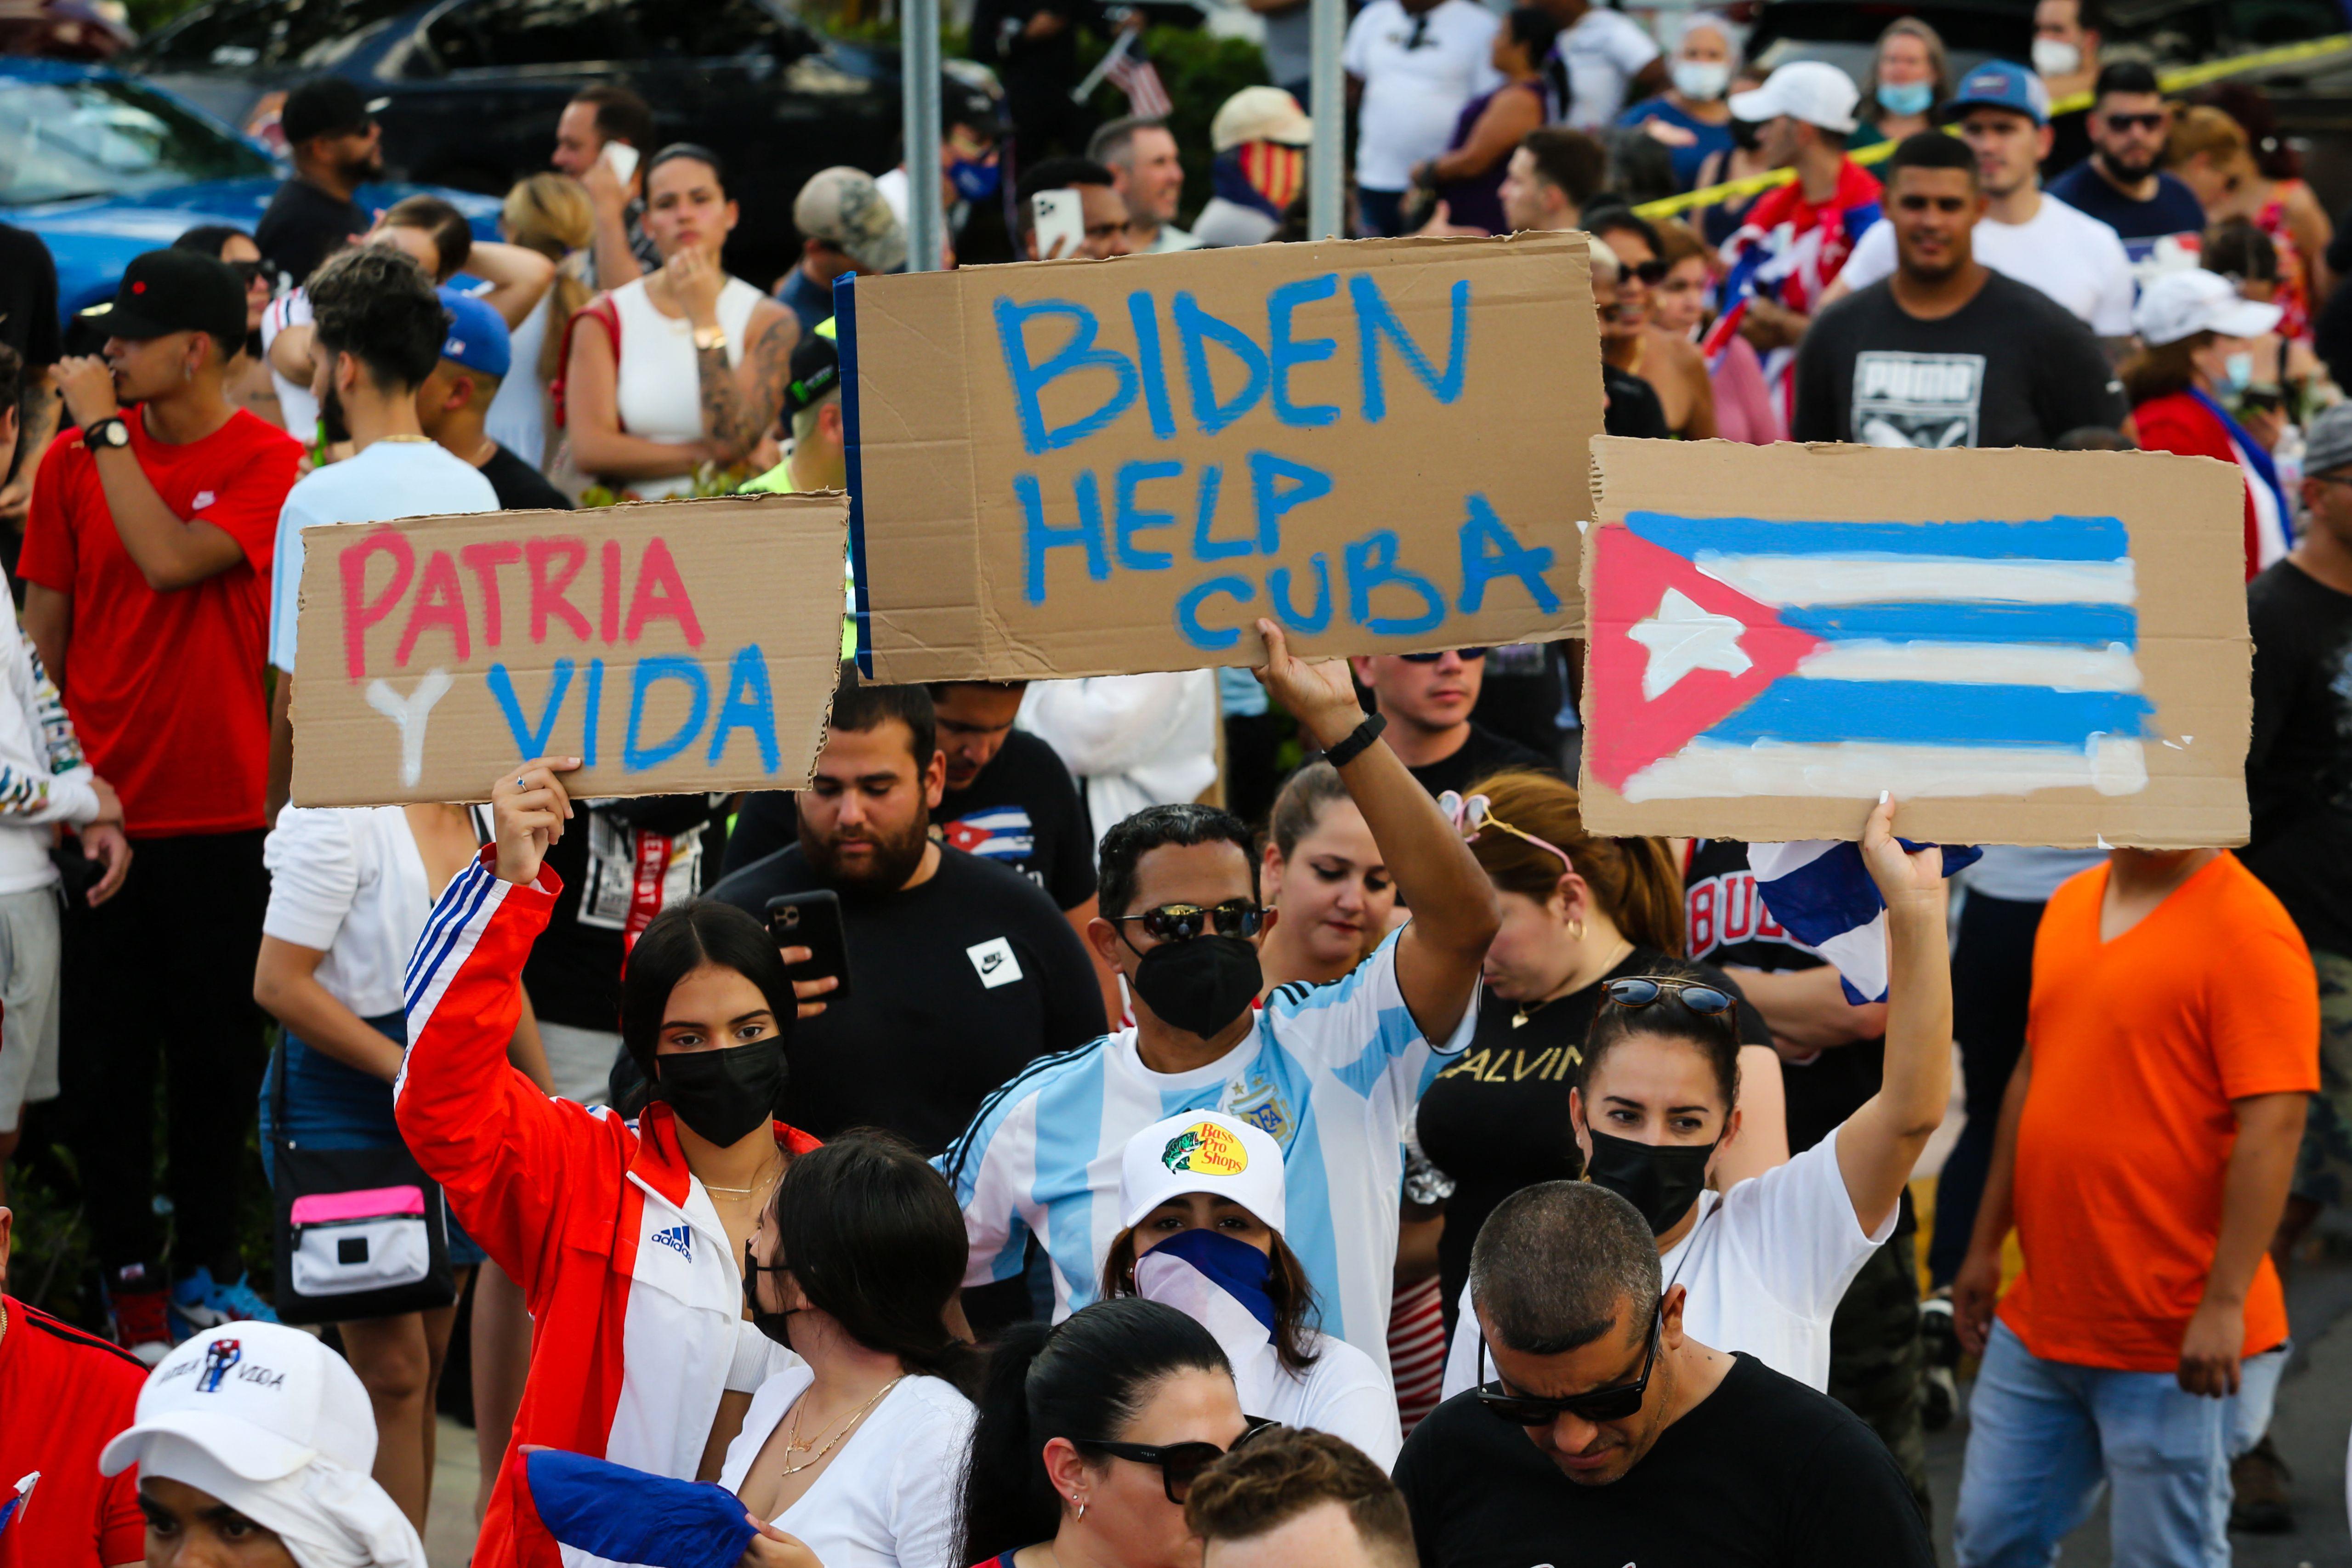 """La gente se manifiesta, algunos con pancartas que dicen """"Patria y Vida"""" y con la bandera nacional cubana, durante una protesta contra el gobierno cubano en Miami el 11 de julio de 2021."""